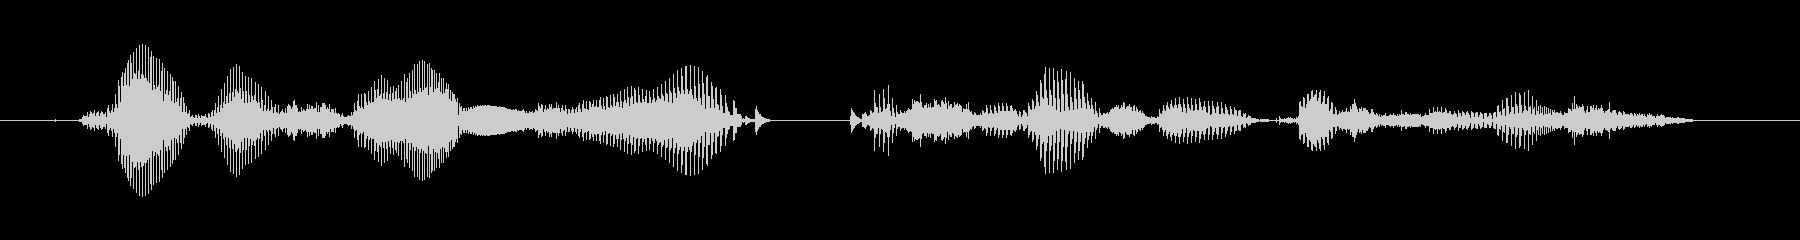 【時報・時間】午後3時を、お知らせいた…の未再生の波形